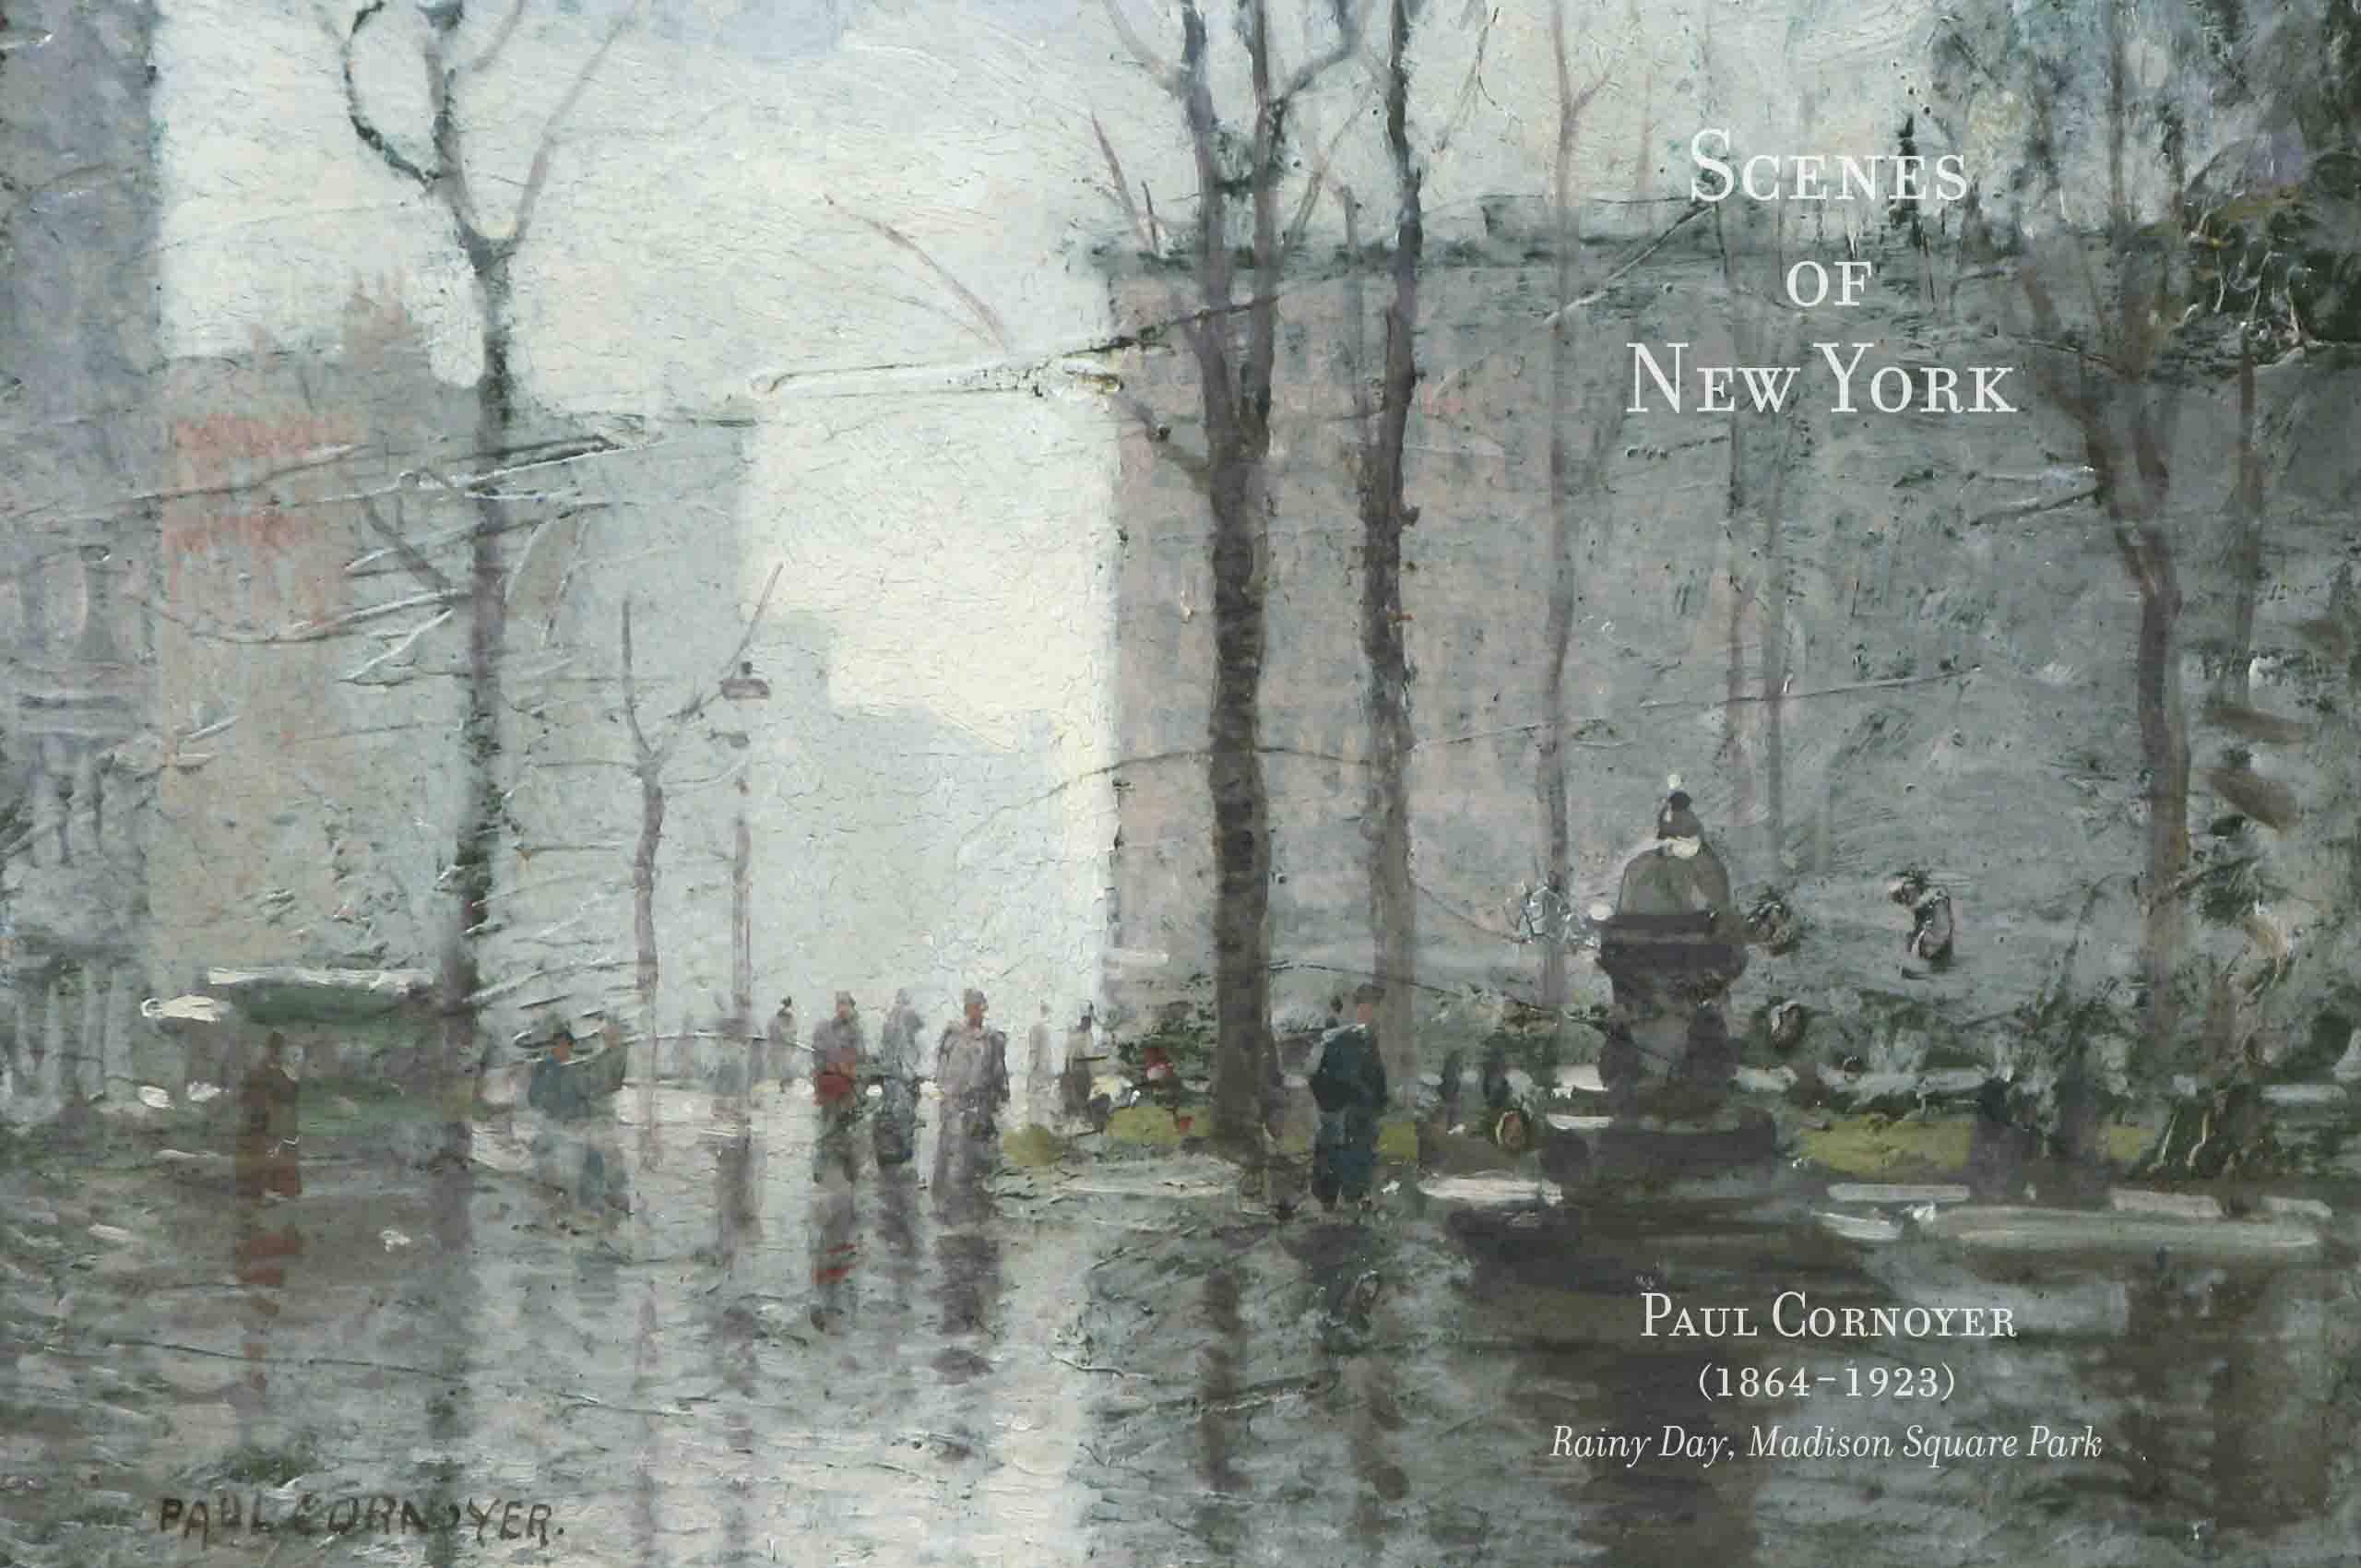 Scenes of New York